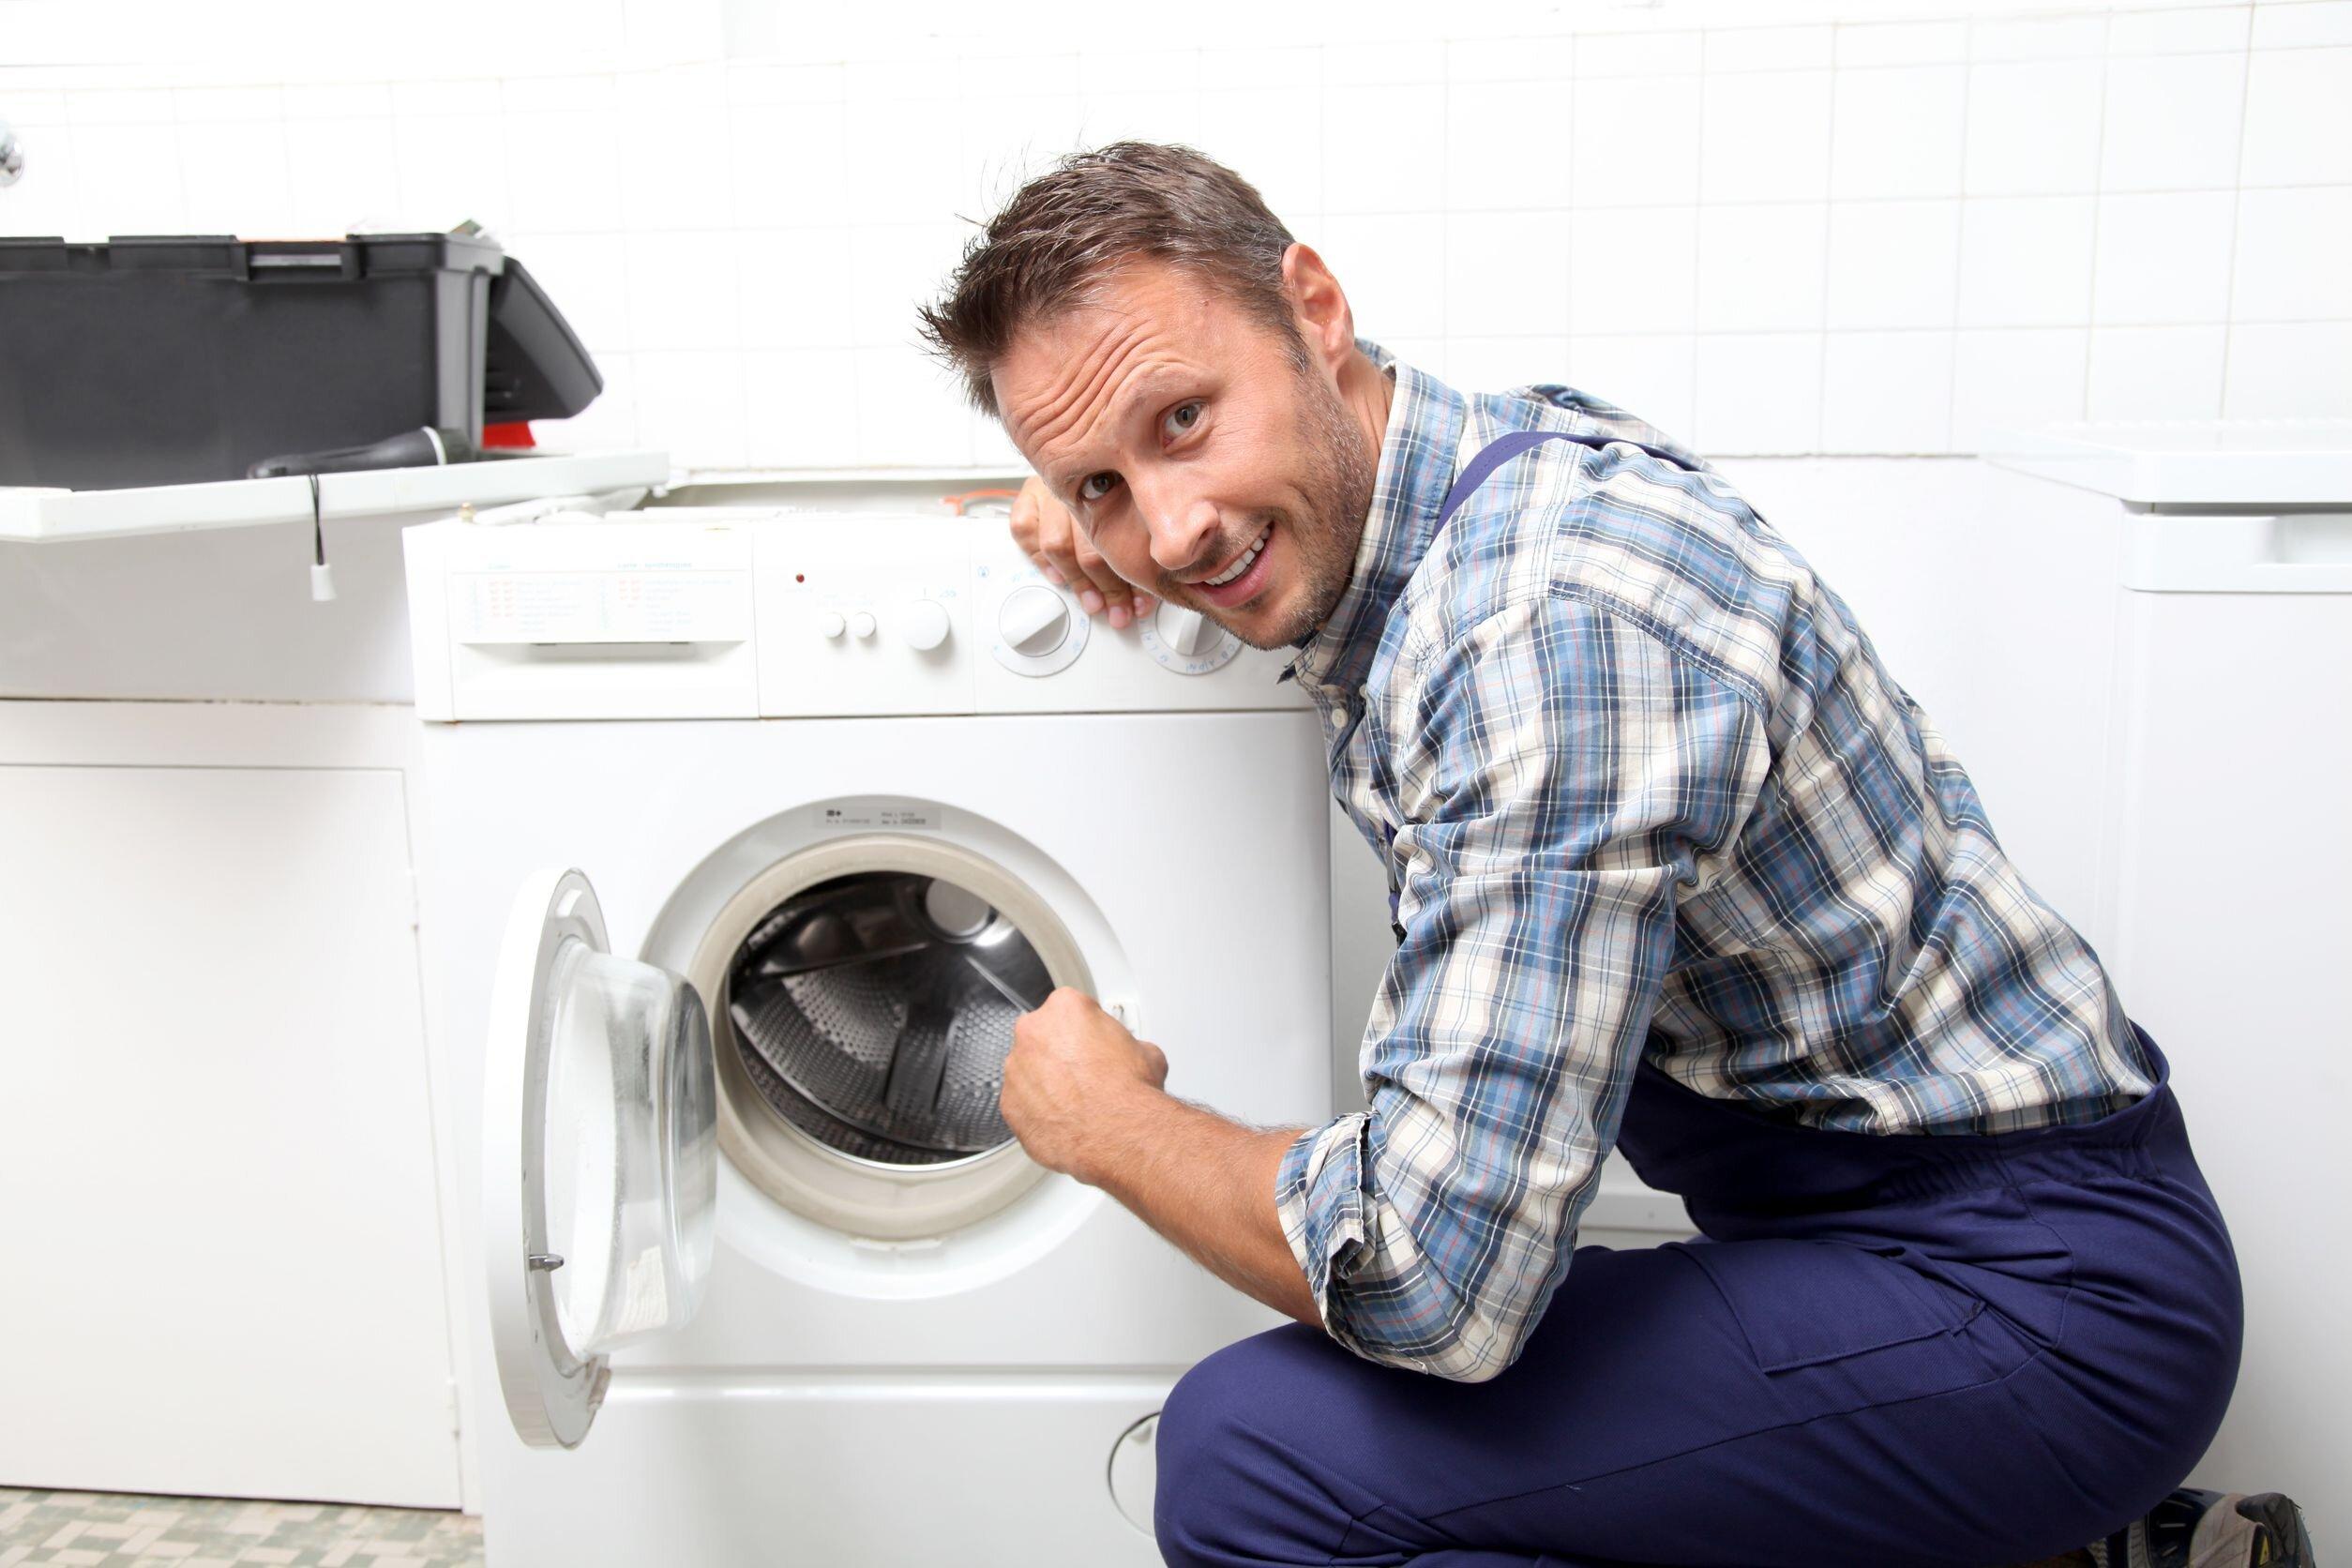 Máy giặt Electrolux cực kỳ tiện lợi cho gia đình của bạn